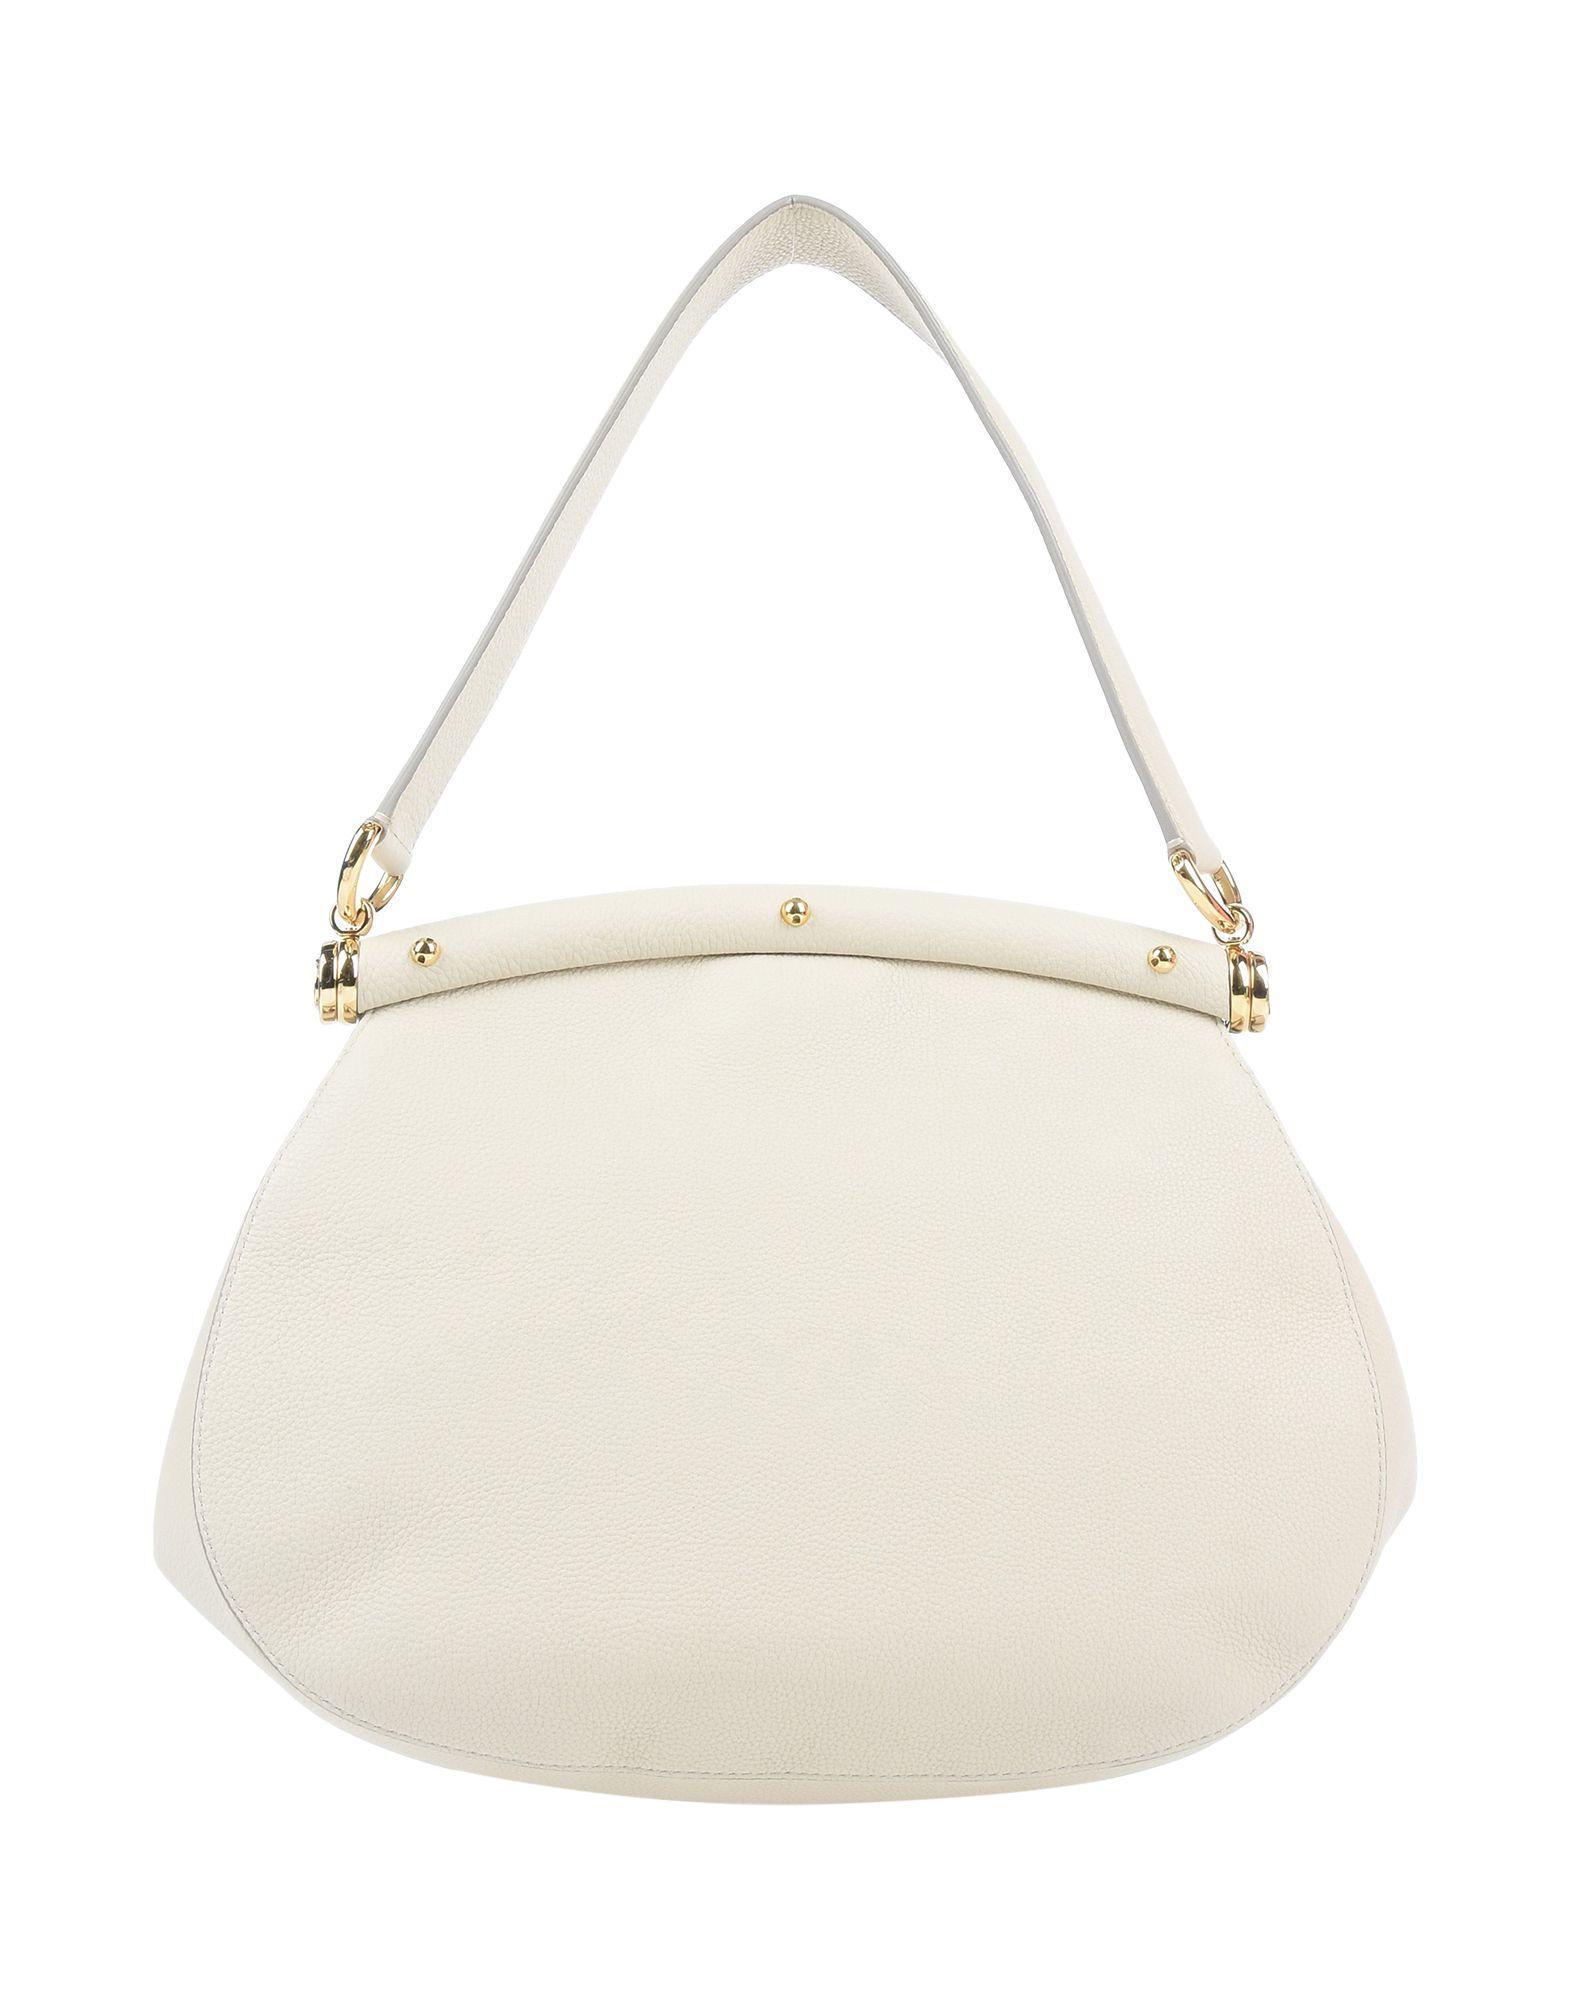 Sac à main Cuir Dolce & Gabbana en coloris Blanc mzmS